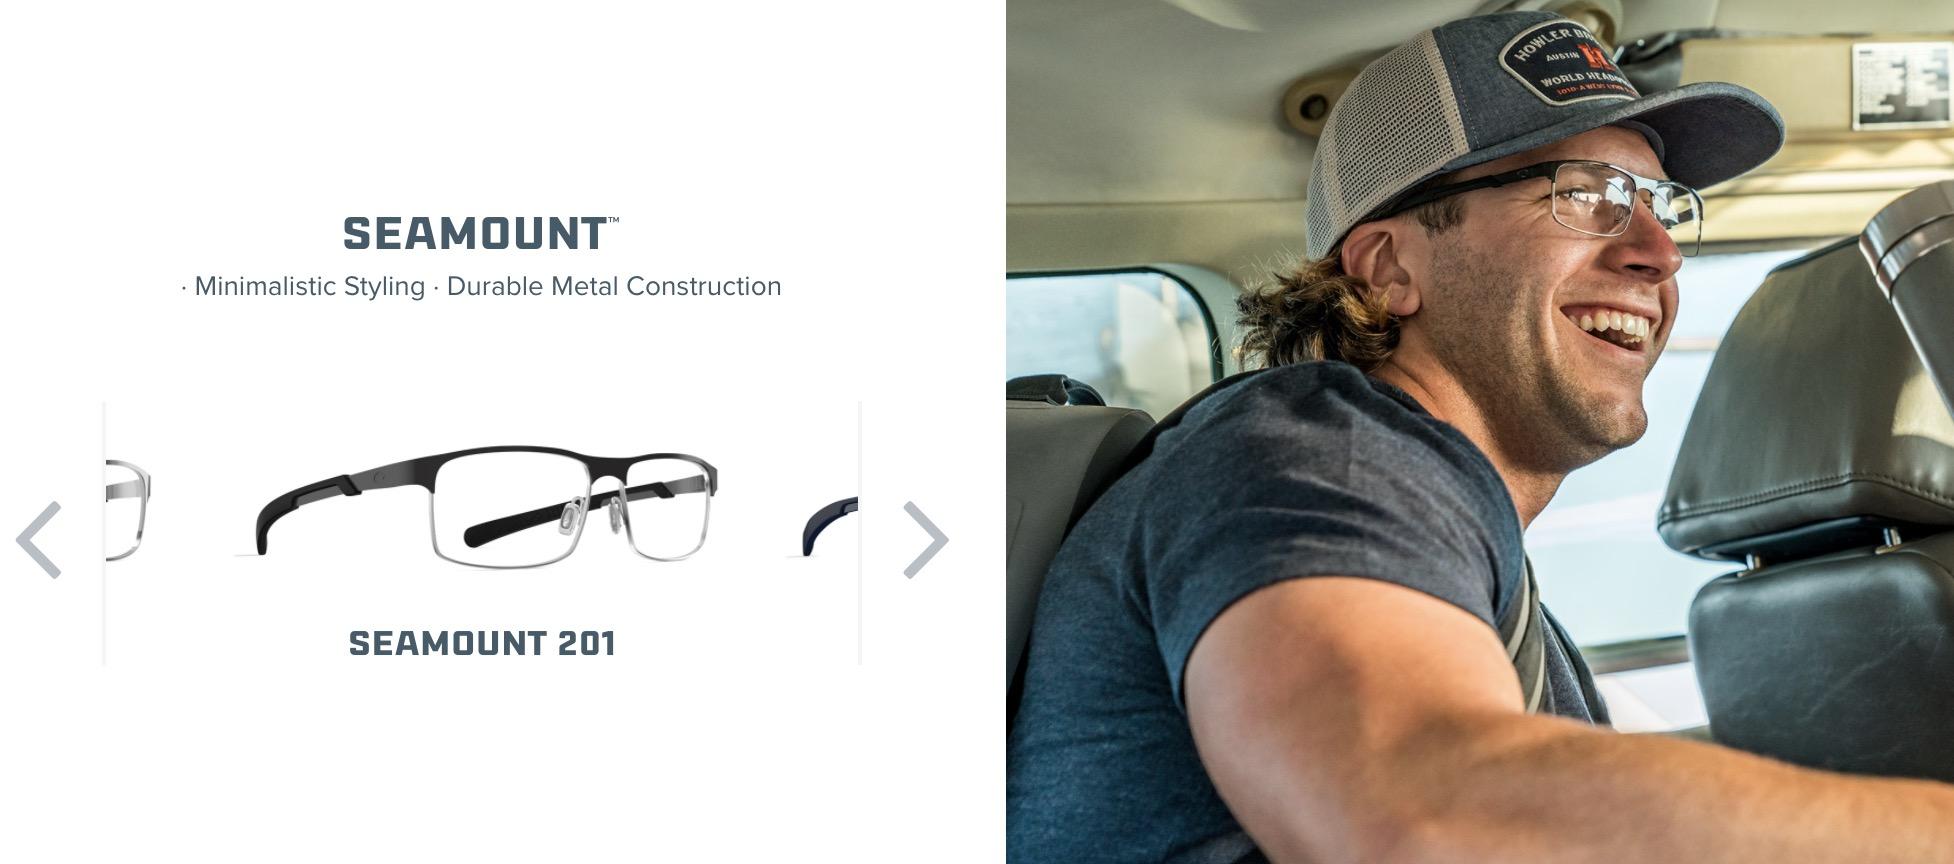 Costa Seamount Glasses